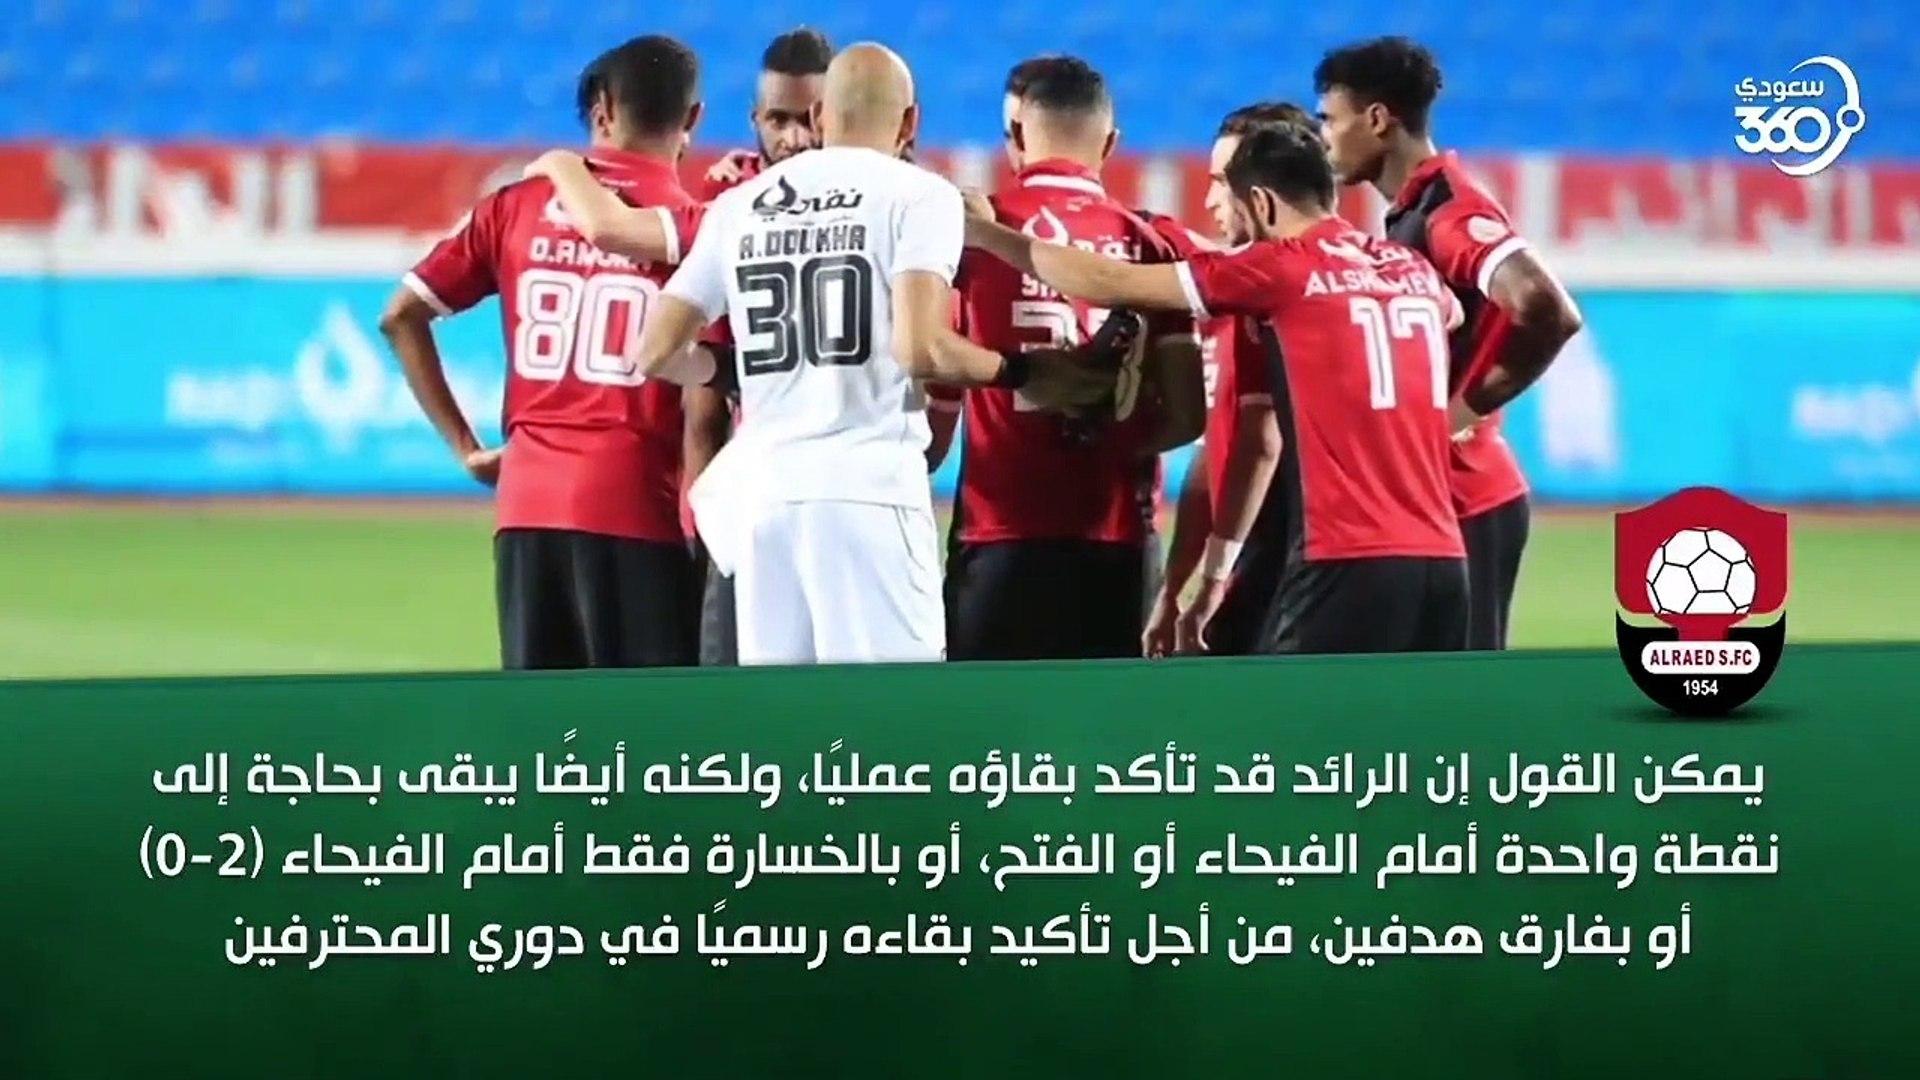 تعرف على كل حسابات البقاء في الدوري السعودي